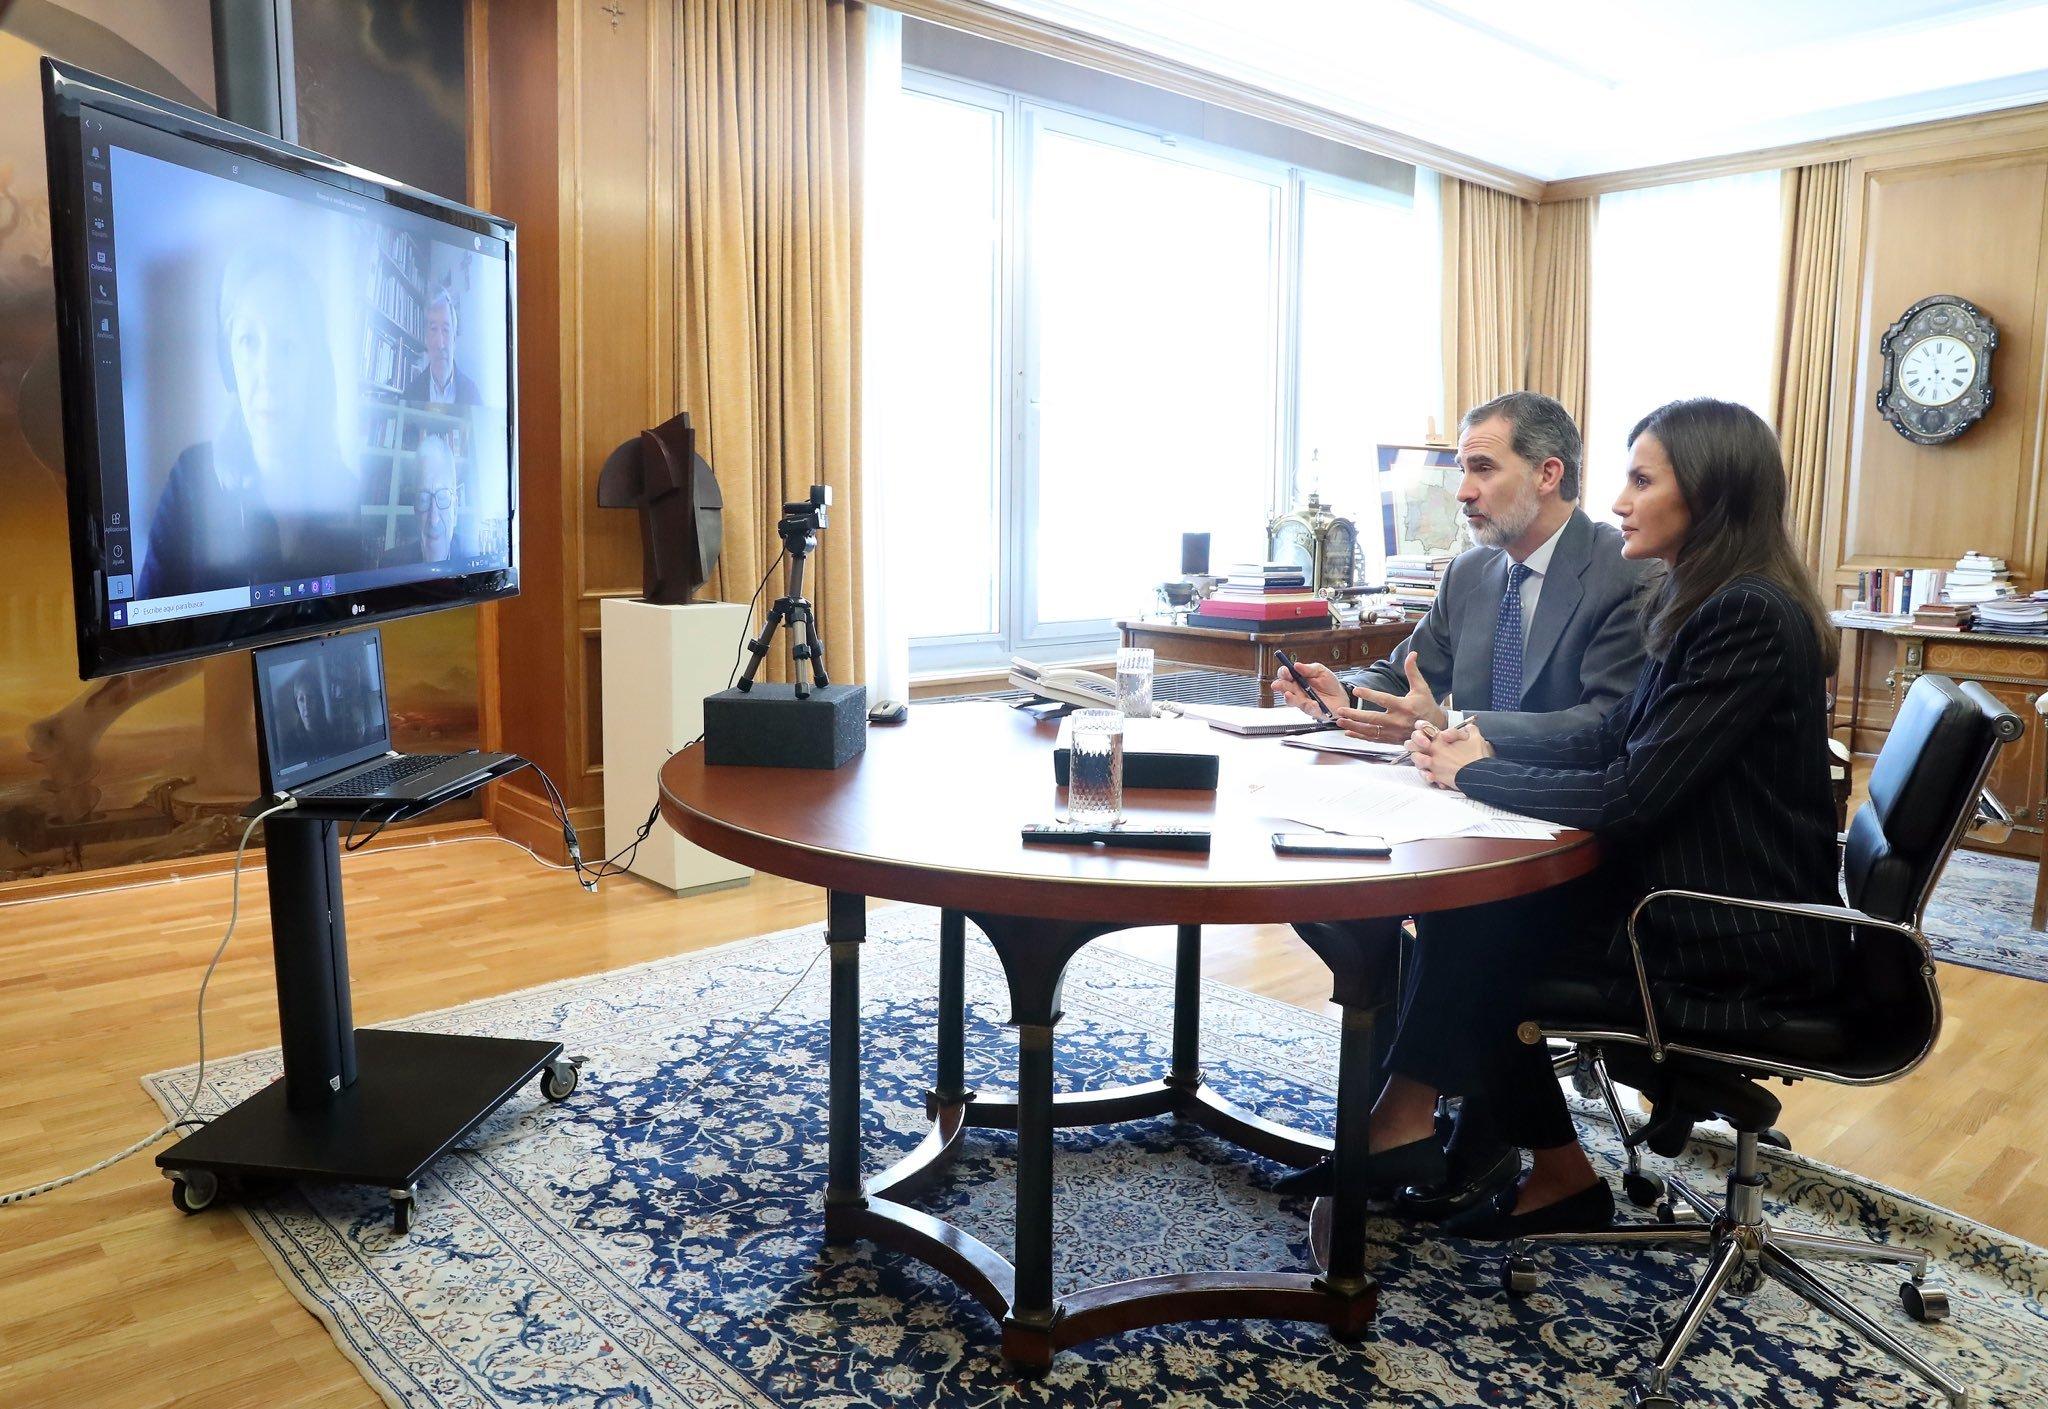 Vista del despacho del rey Felipe VI durante la videoconferencia donde se aprecia el calzado plano de la reina.